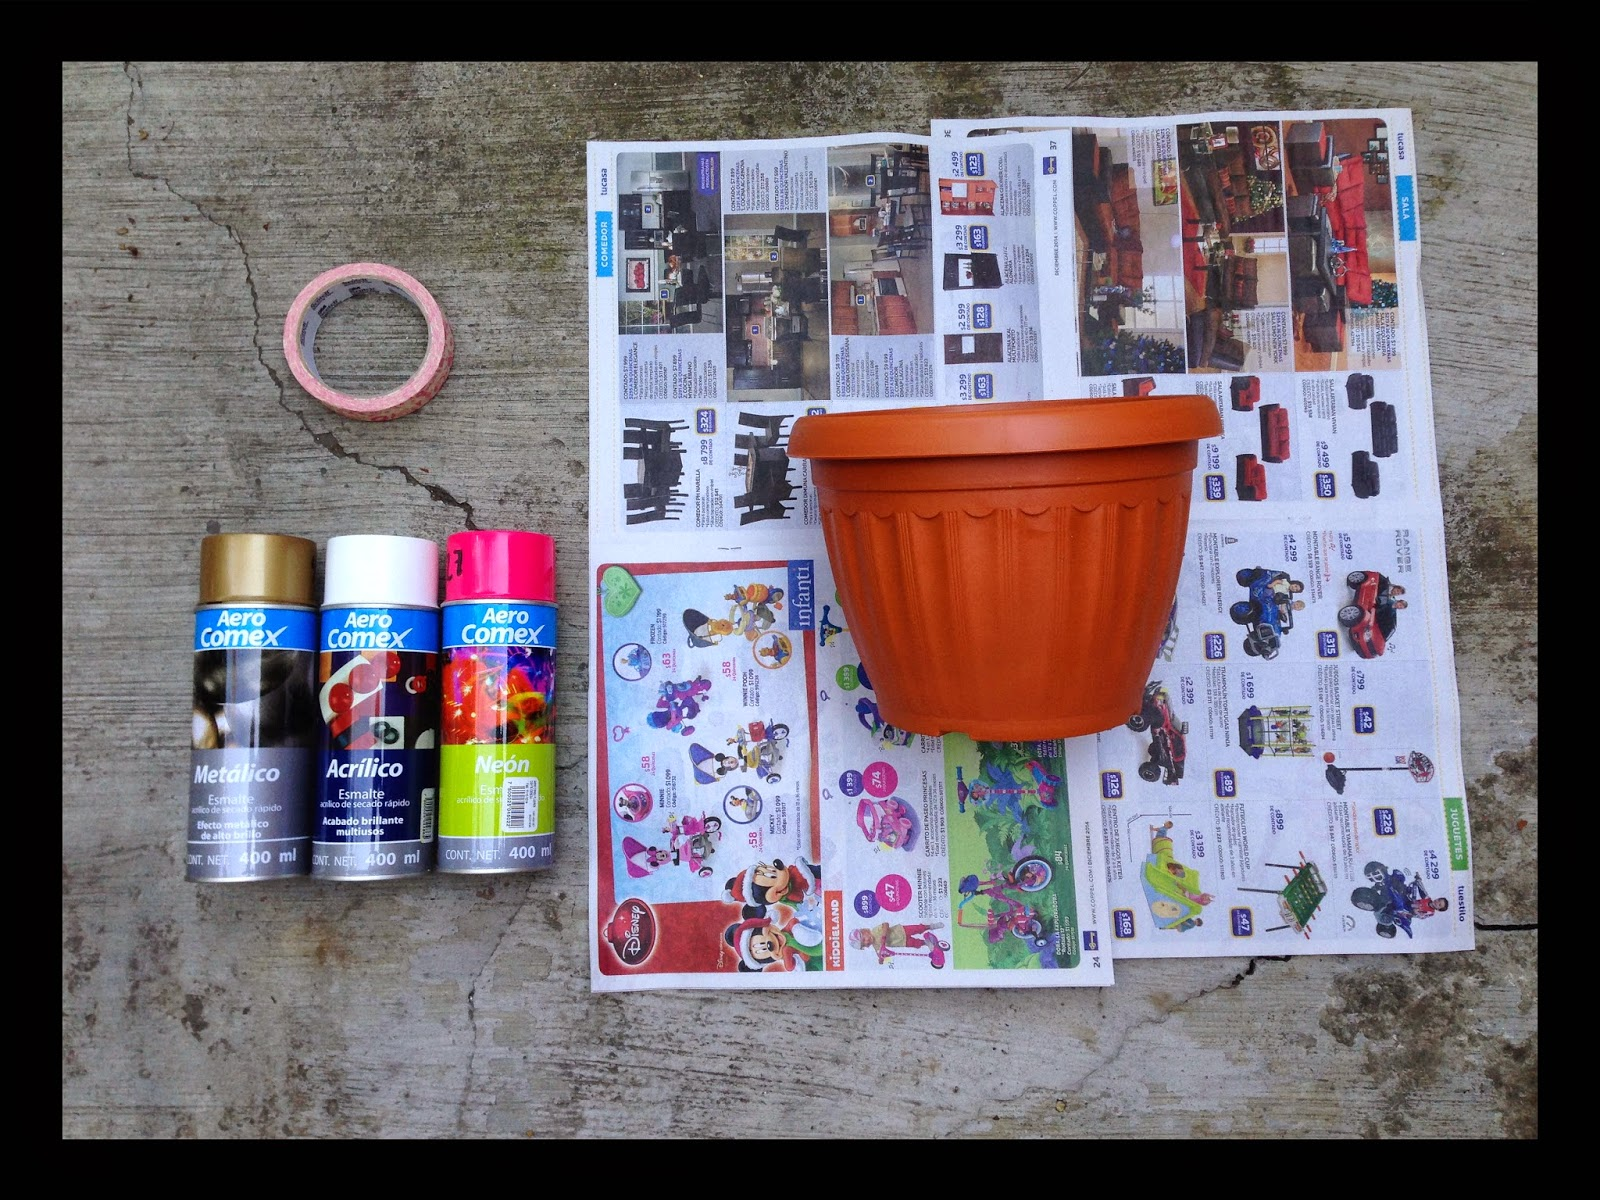 Pintar macetas de plastico con aerosol